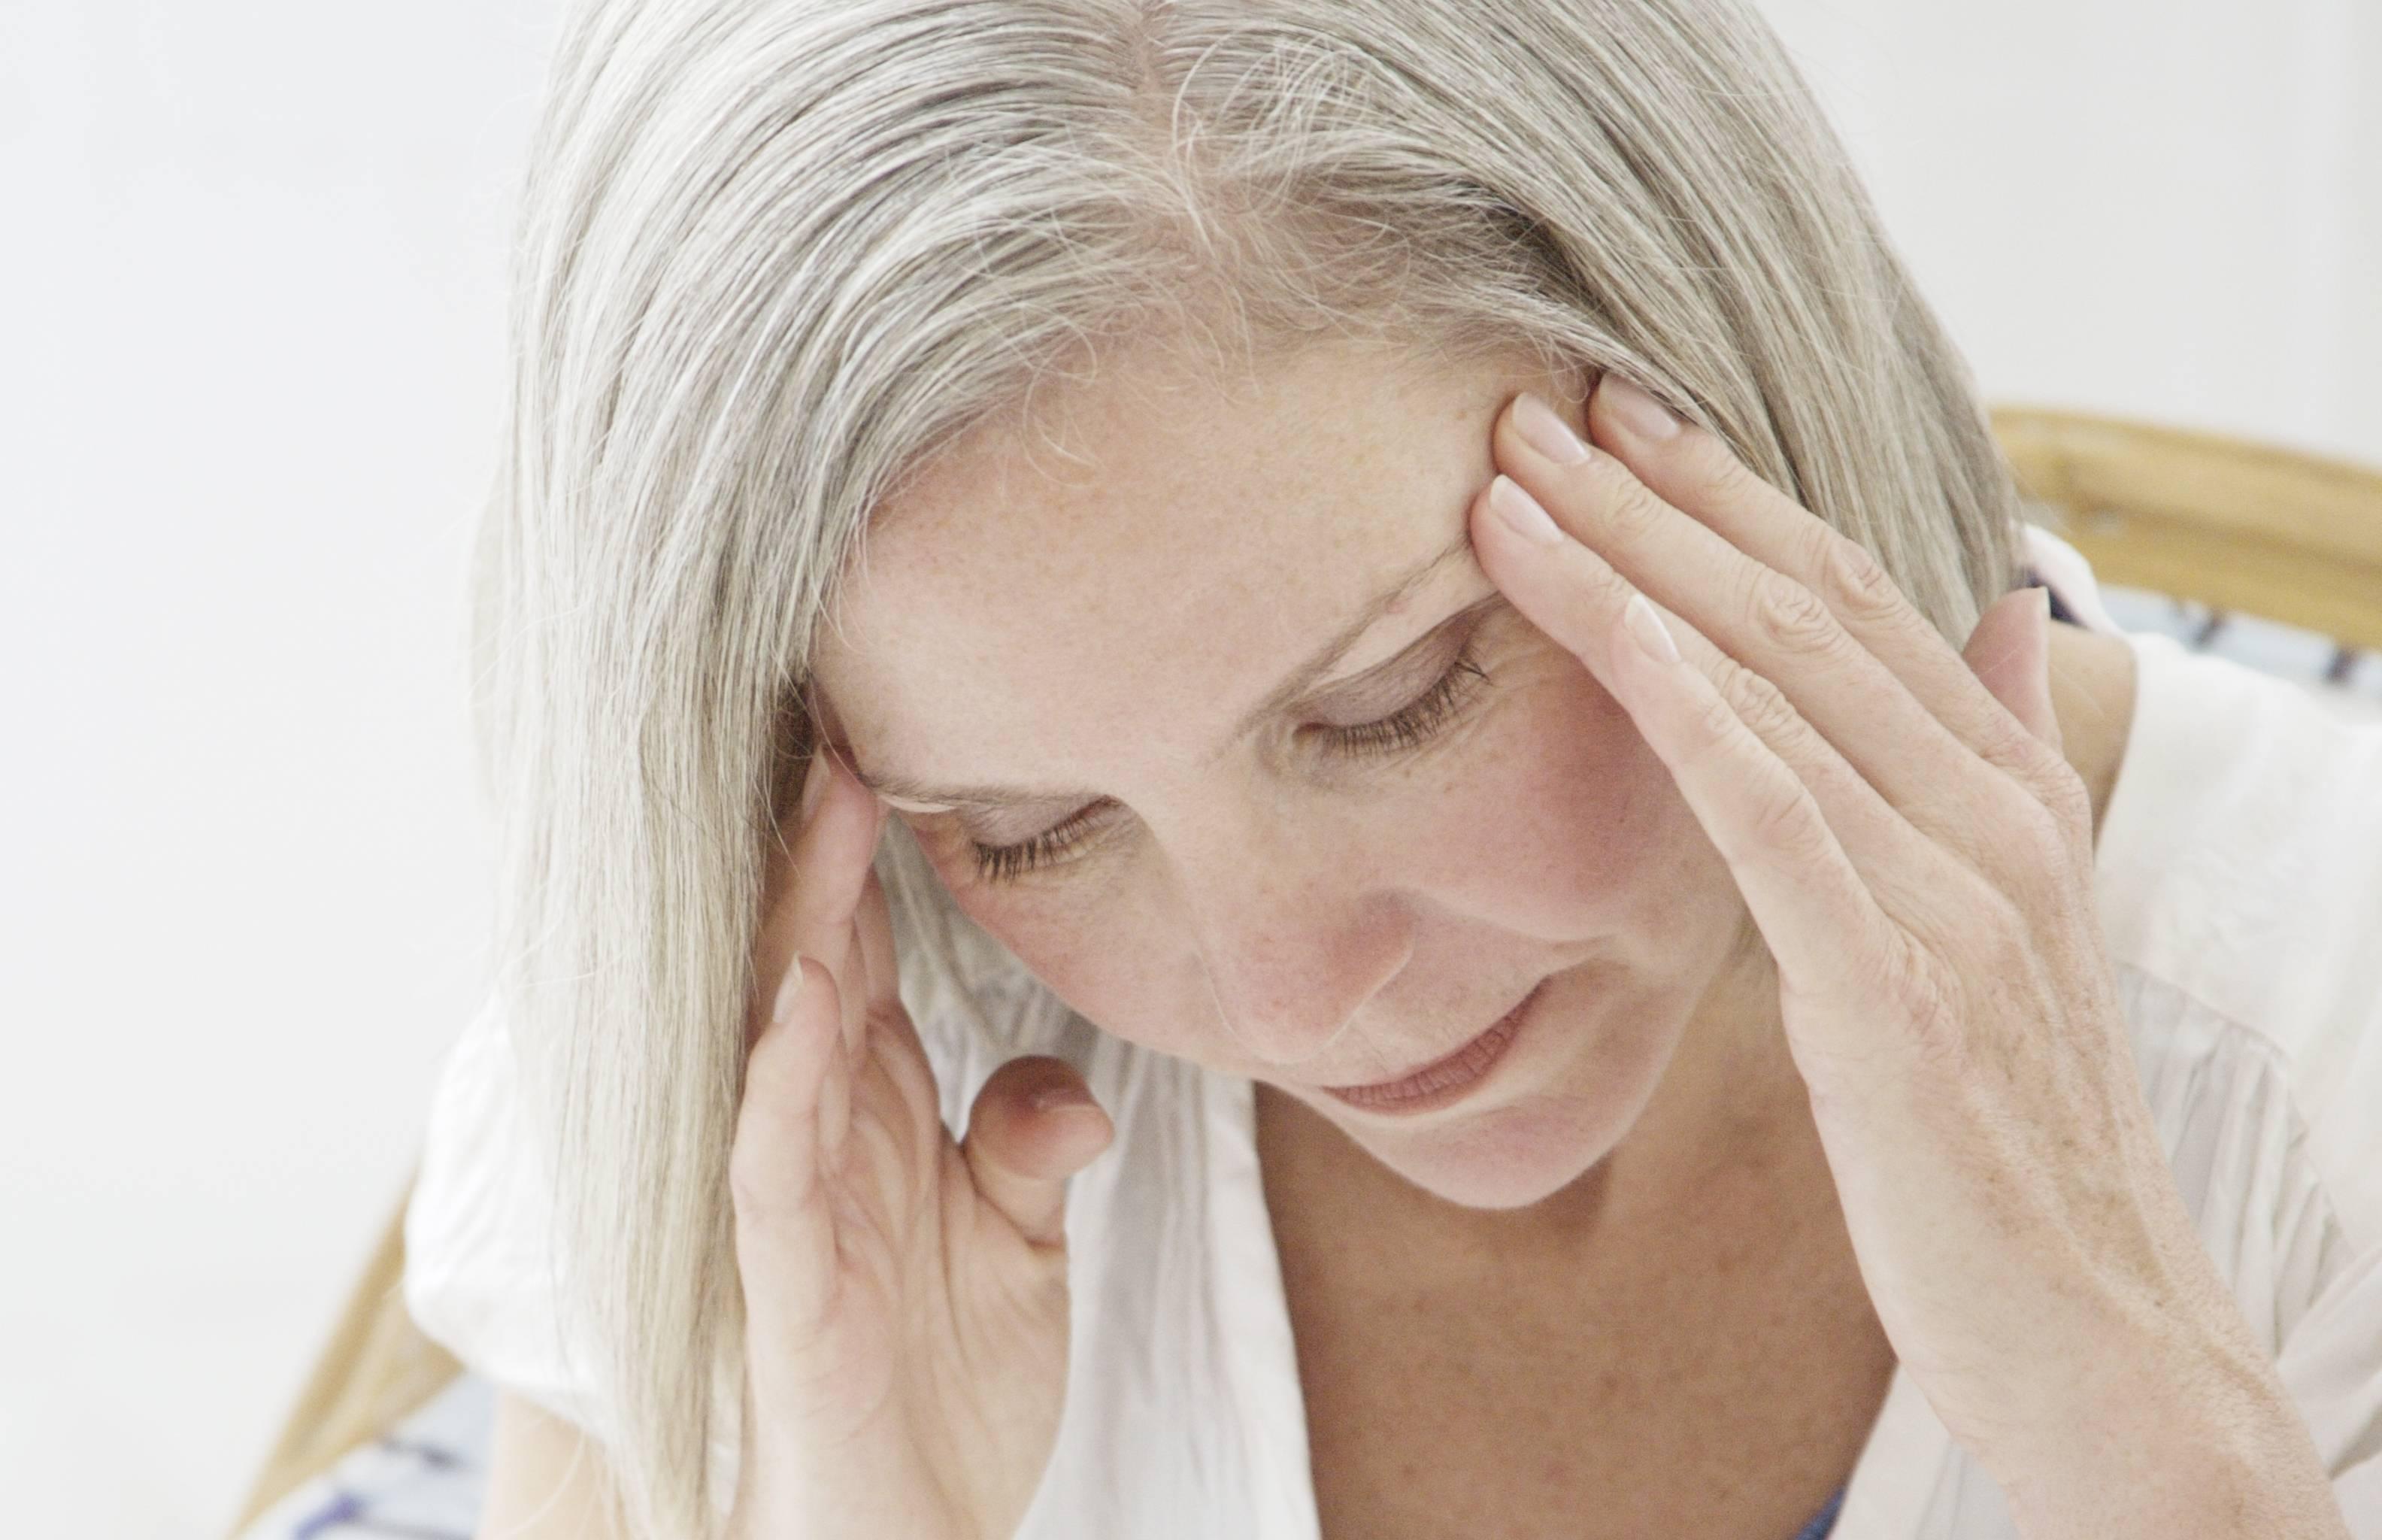 Голова с похмелья — 7 эффективных способов убрать головокружение с похмелья